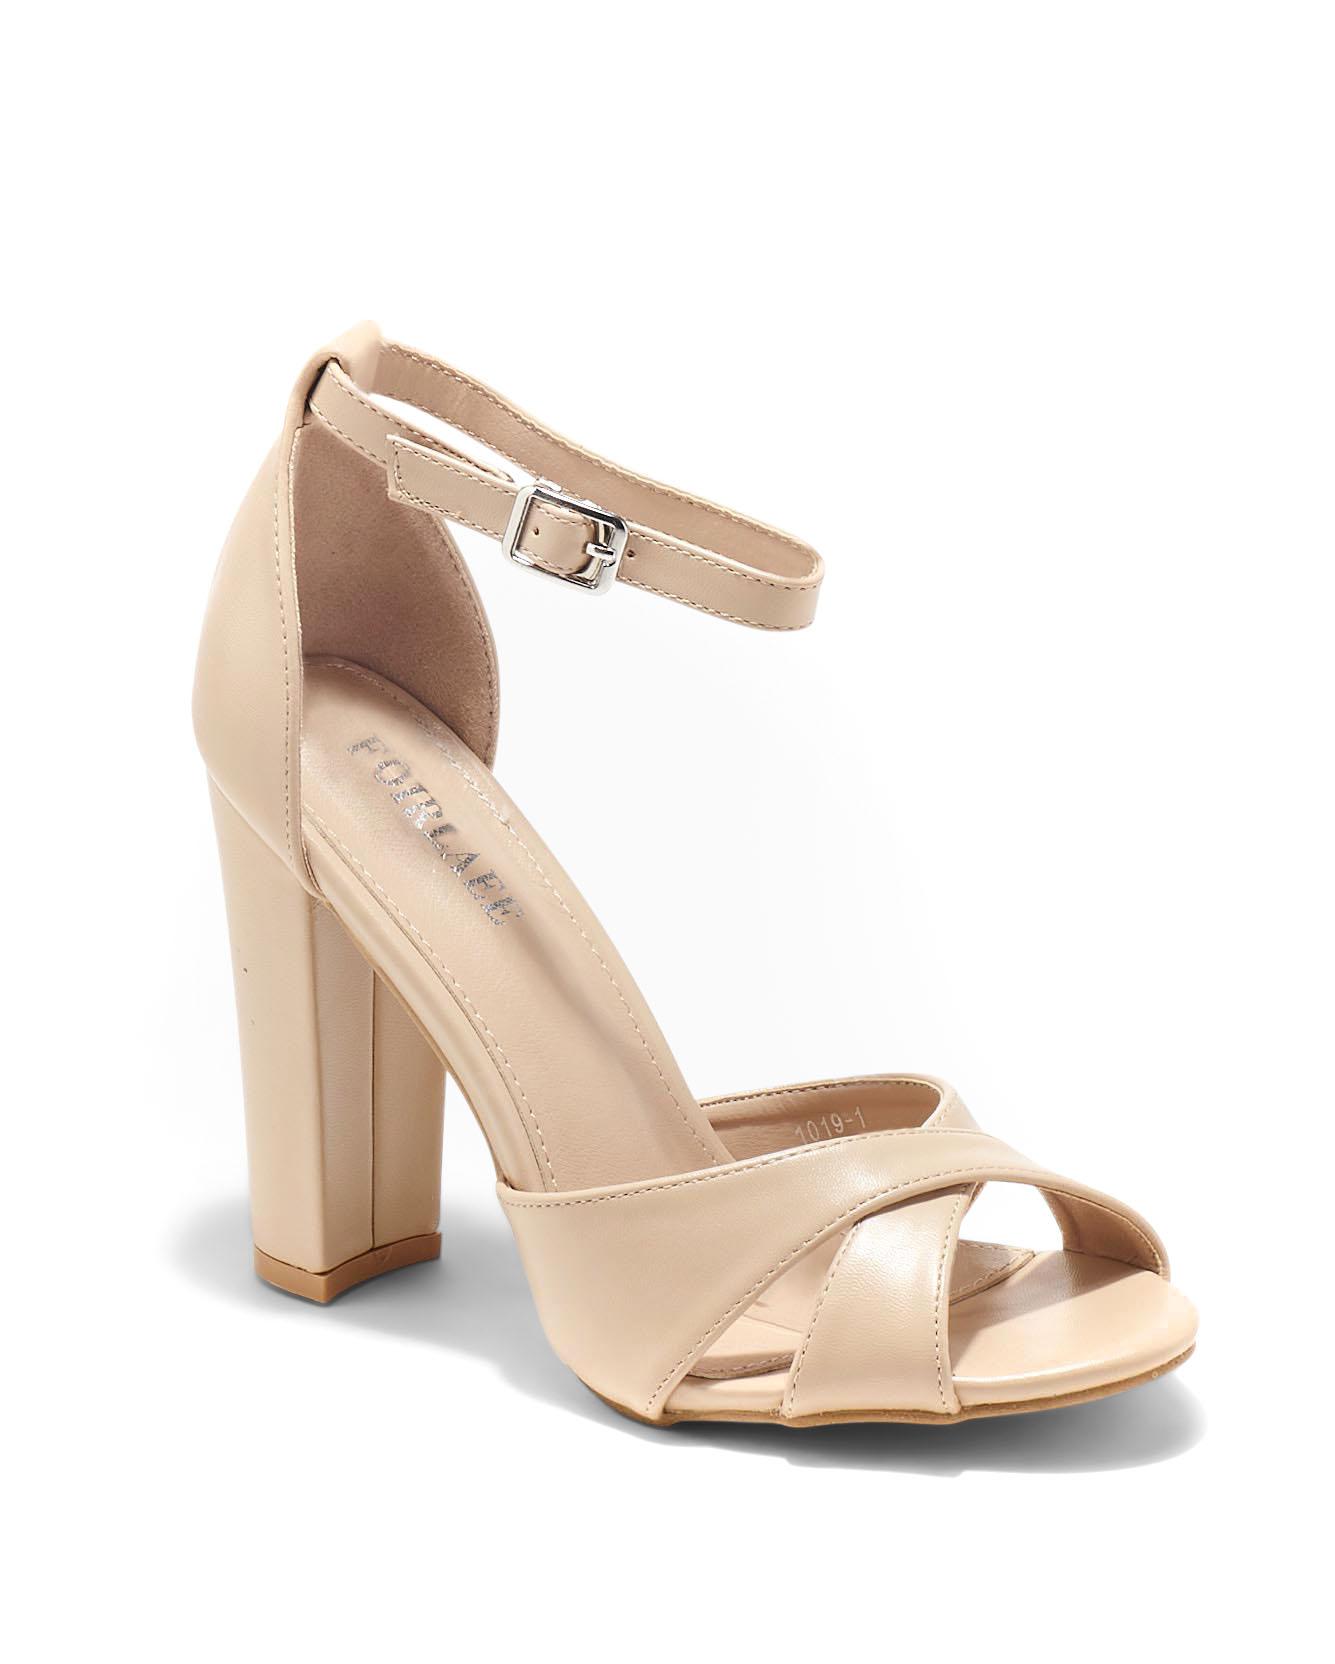 Sandales À Talons Femme - Sandale Talon Decrochee Beige Jina - 1019-1